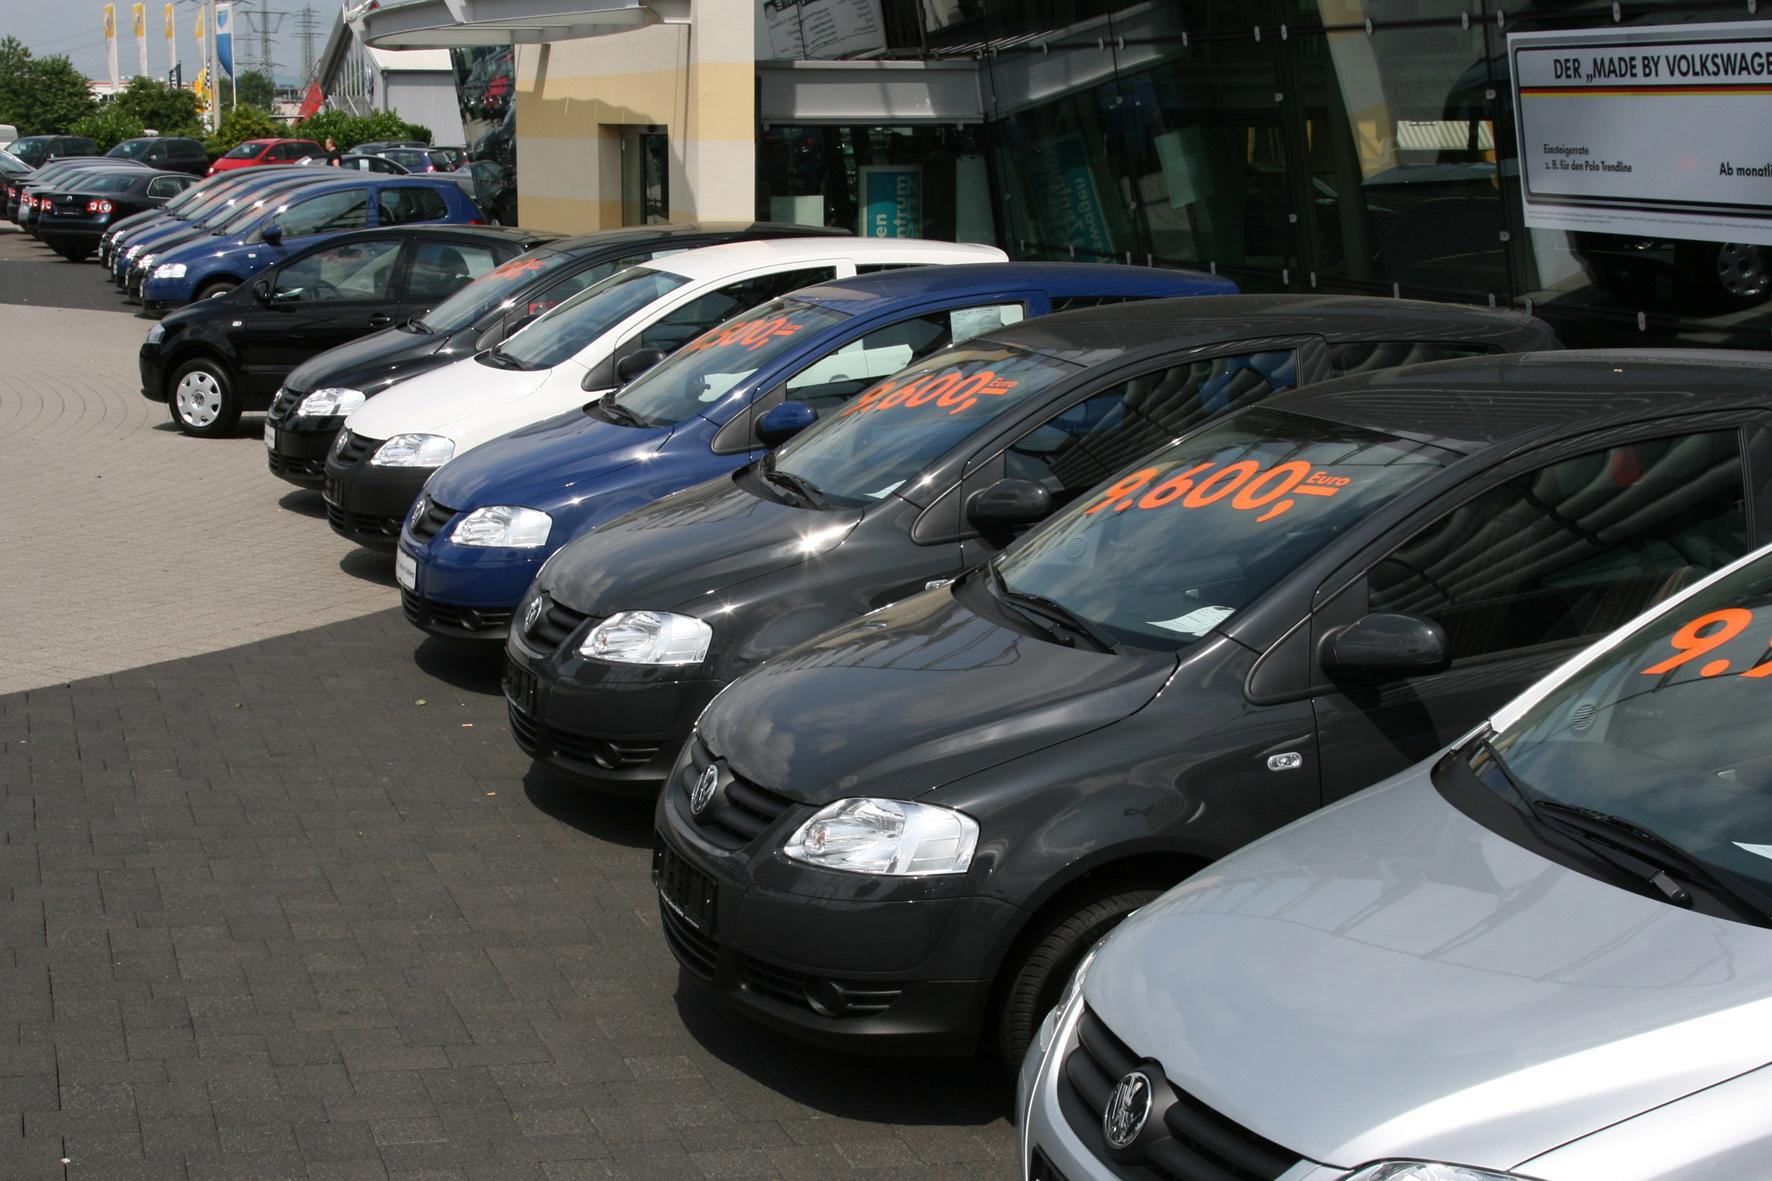 mid Düsseldorf - Die Gebrauchtwagenpreise in Deutschland sind im Juli weniger stark gestiegen als in den Vorjahren. Im Schnitt kostete ein Auto aus zweiter Hand 16.710 Euro.